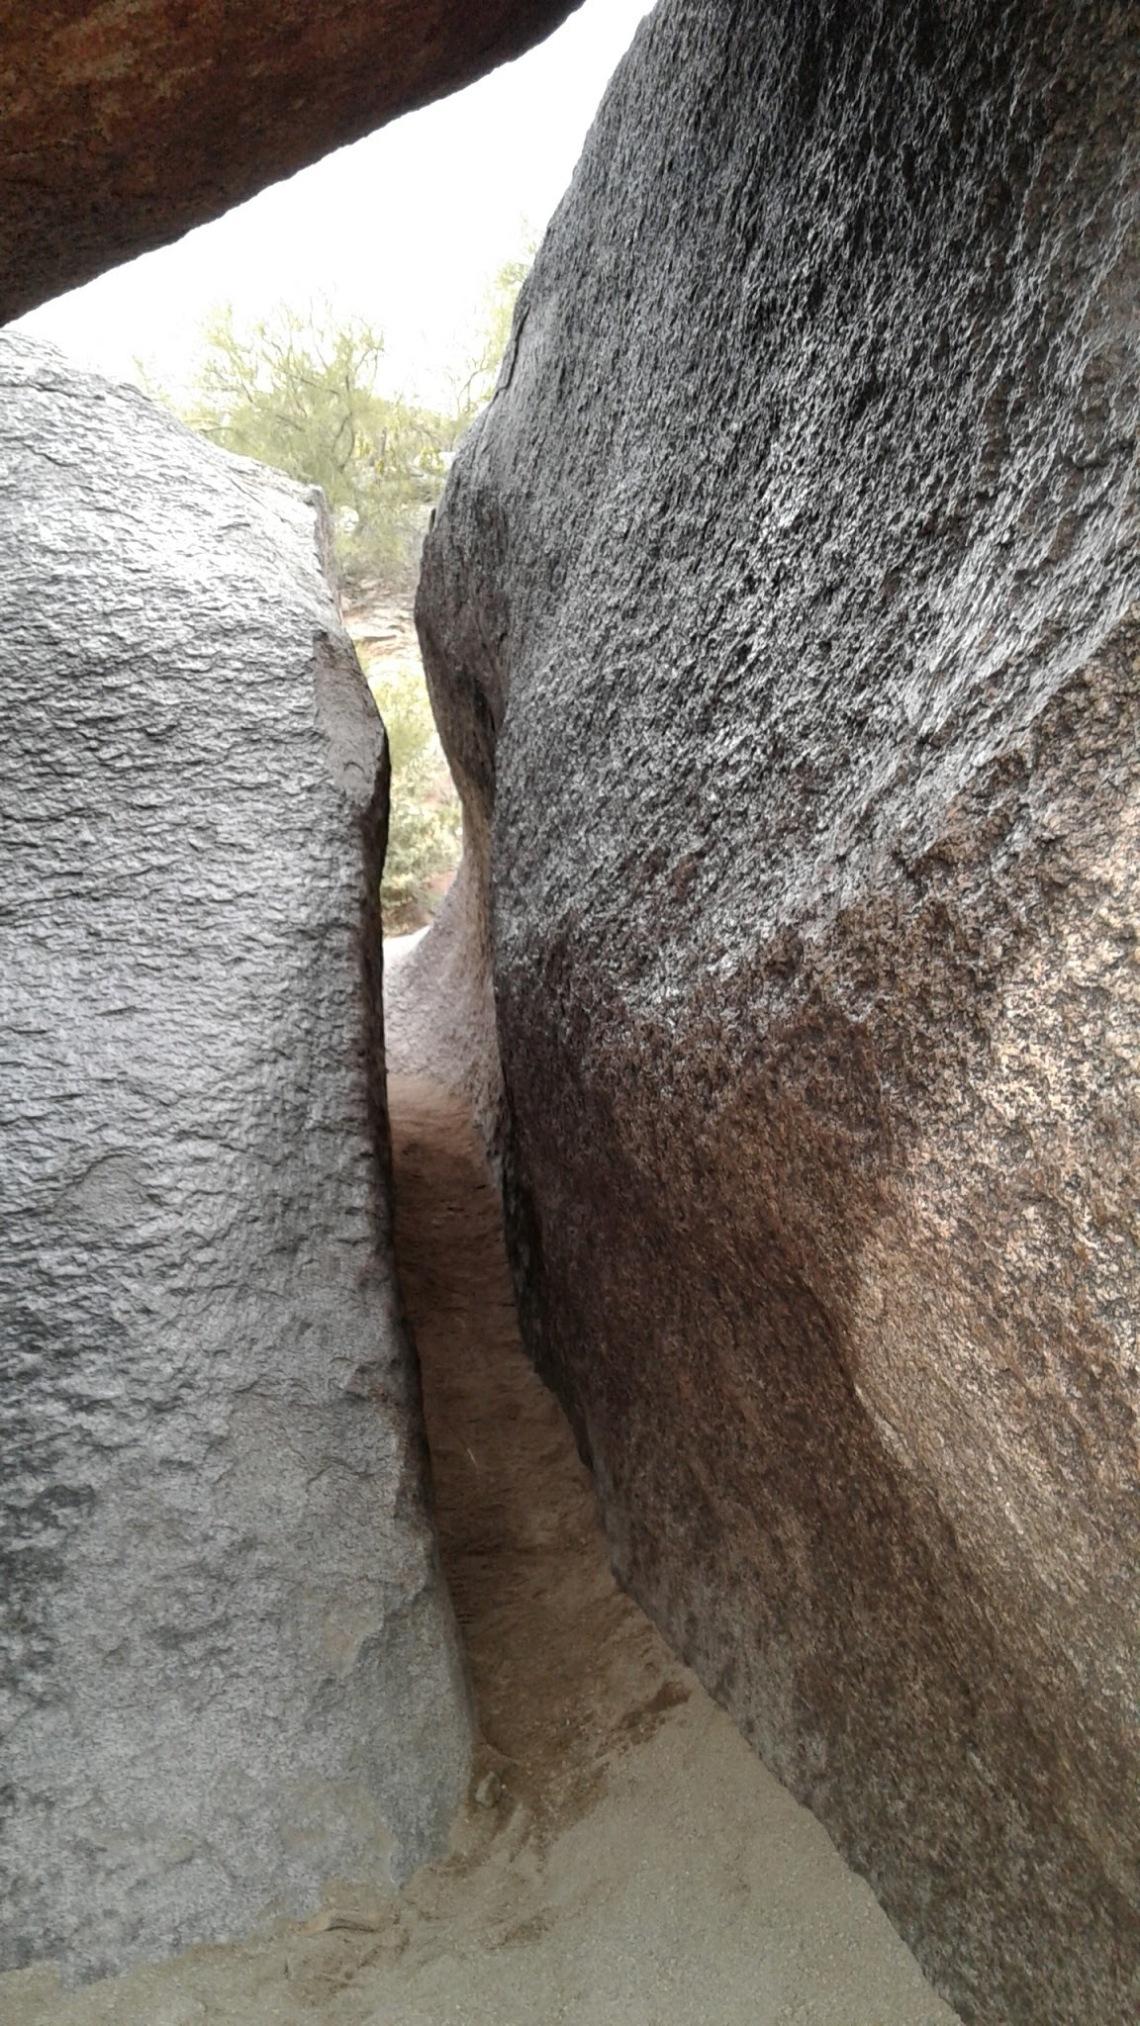 Narrow slit between two boulders